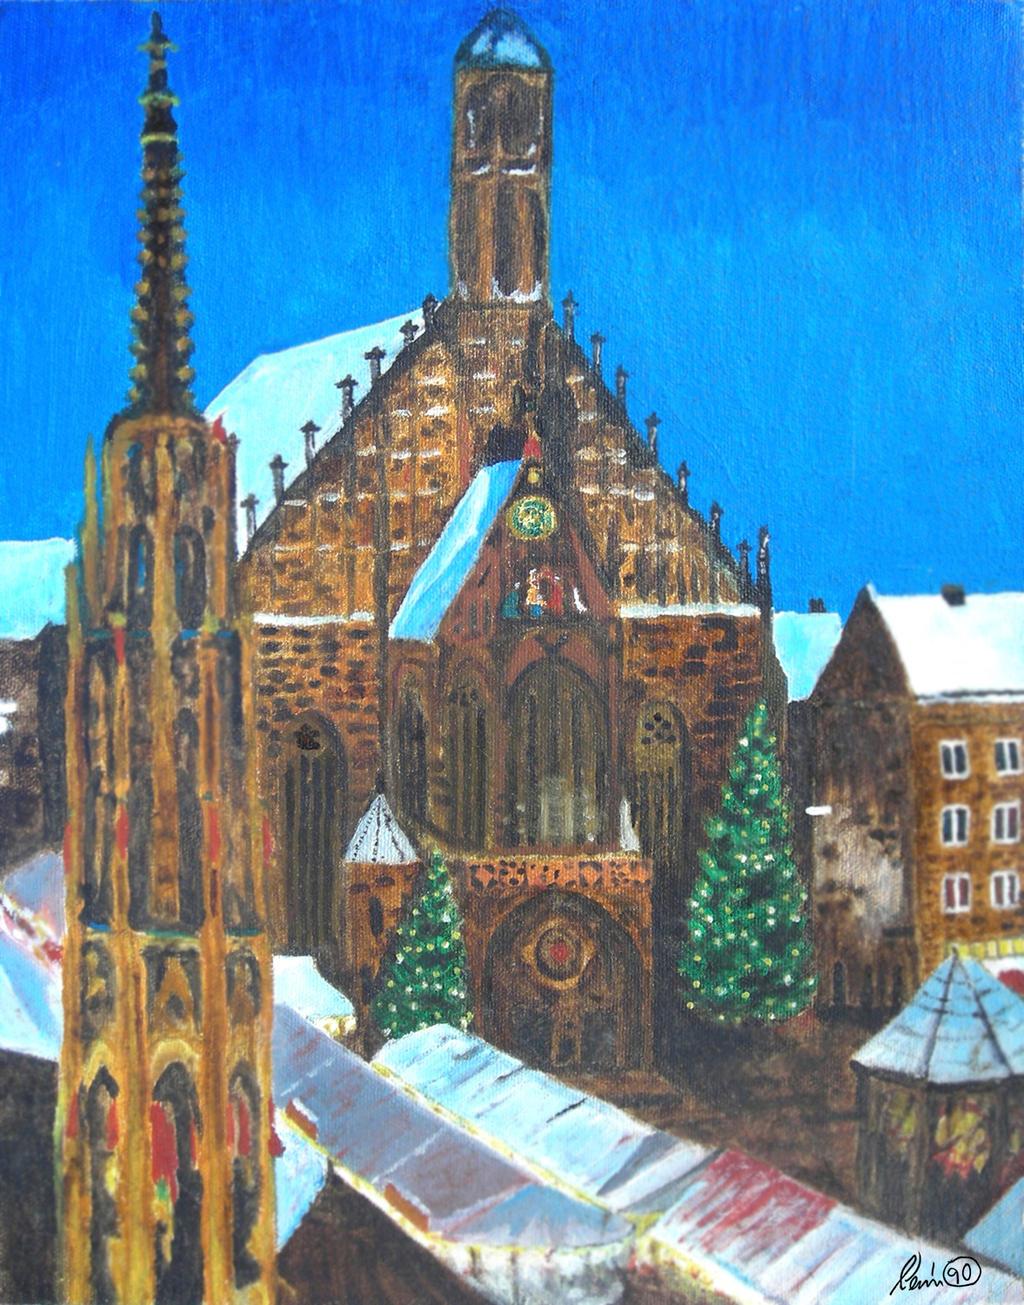 Nurnberger Christkindlesmarkt by KevyMetal